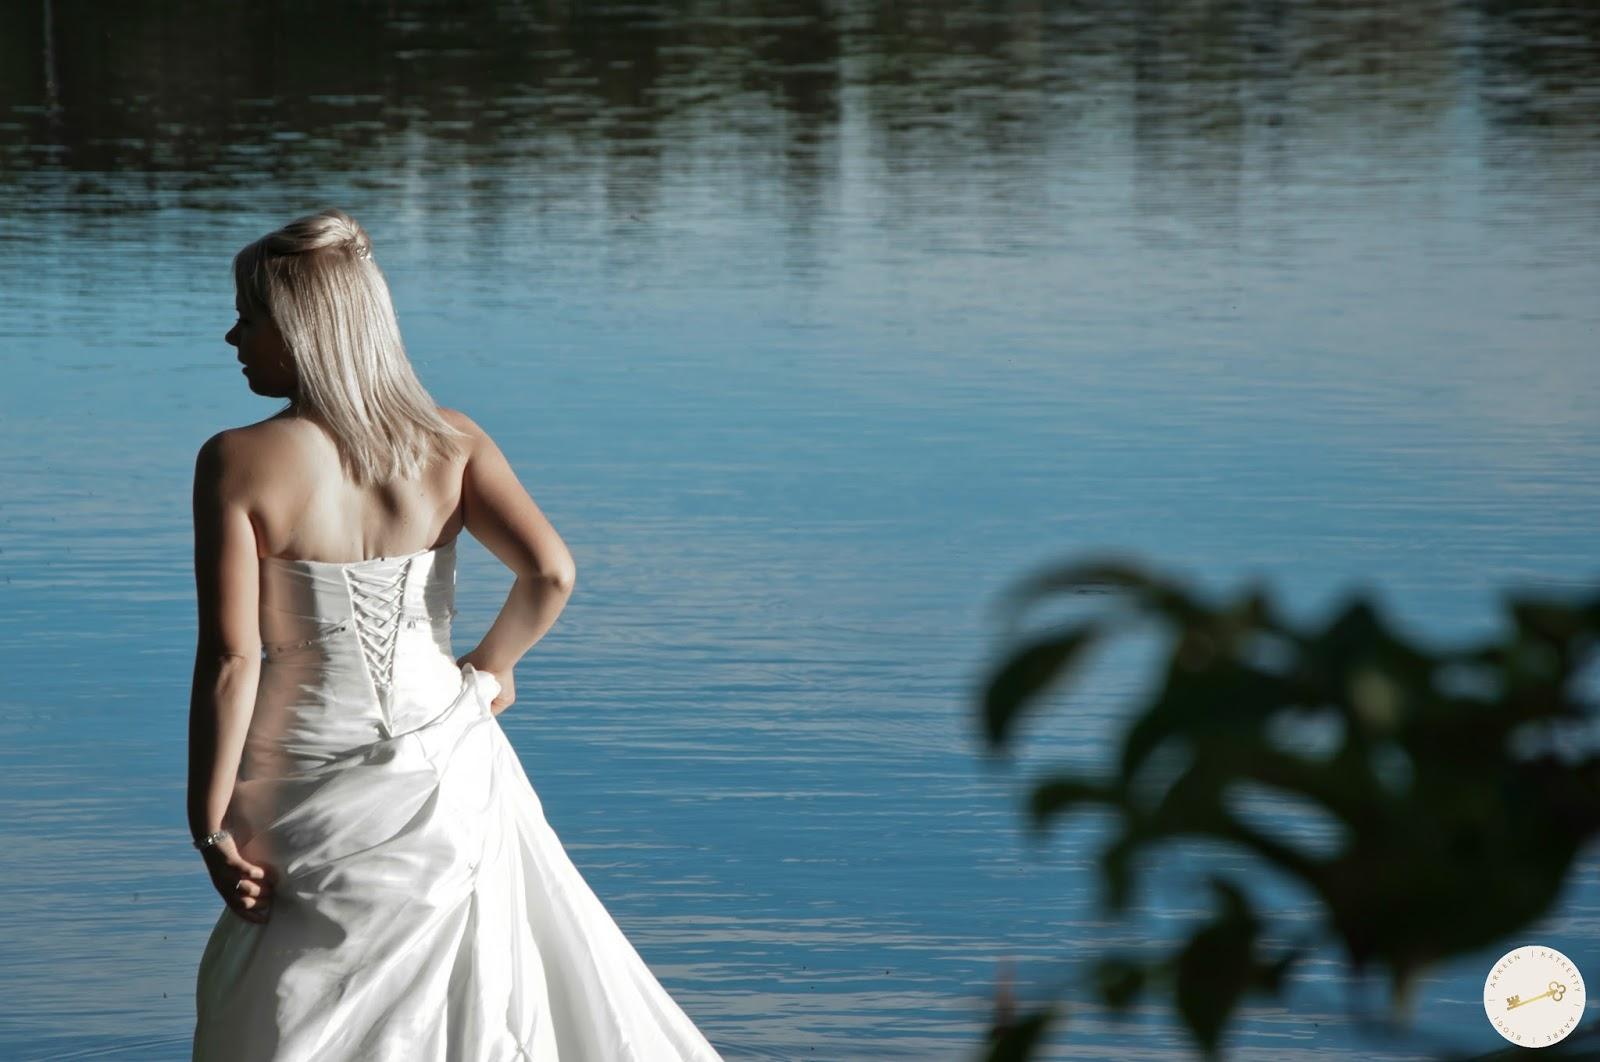 Onko avioliiton tai parisuhteen tärkein ominaisuus onnellisuus? Pitääkö olla koko ajan onnellinen?